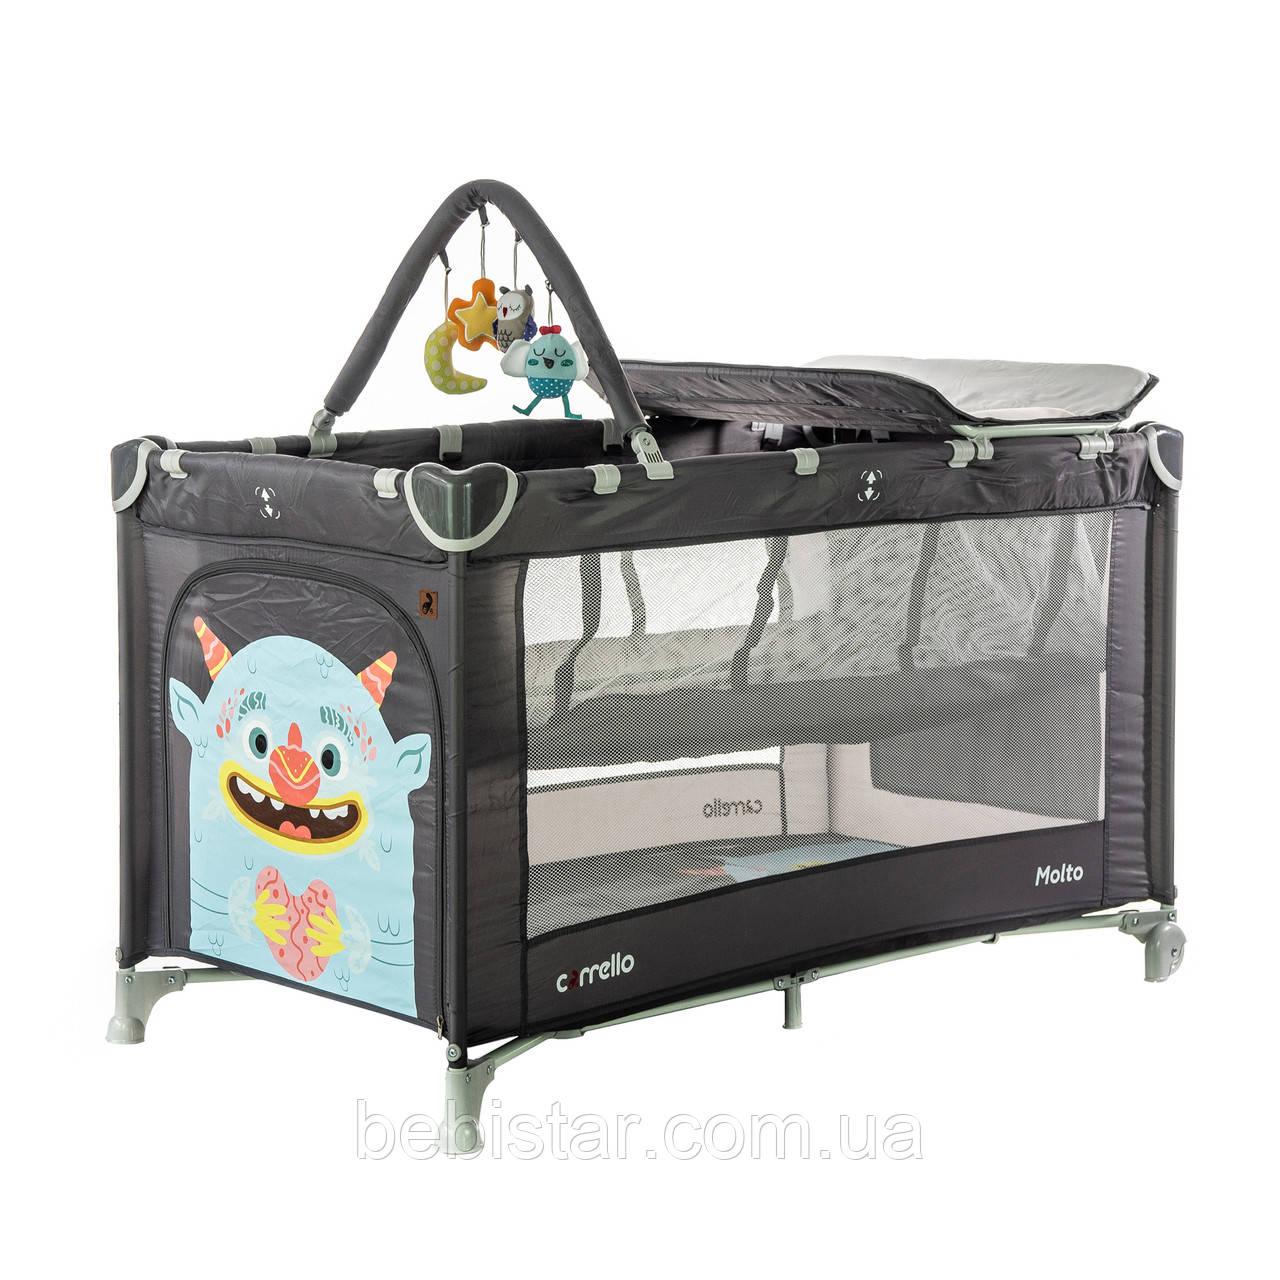 Детский манеж манеж-кровать темно-серый Carrello Molto с двойным дном пеленальным столиком сумкой колесами